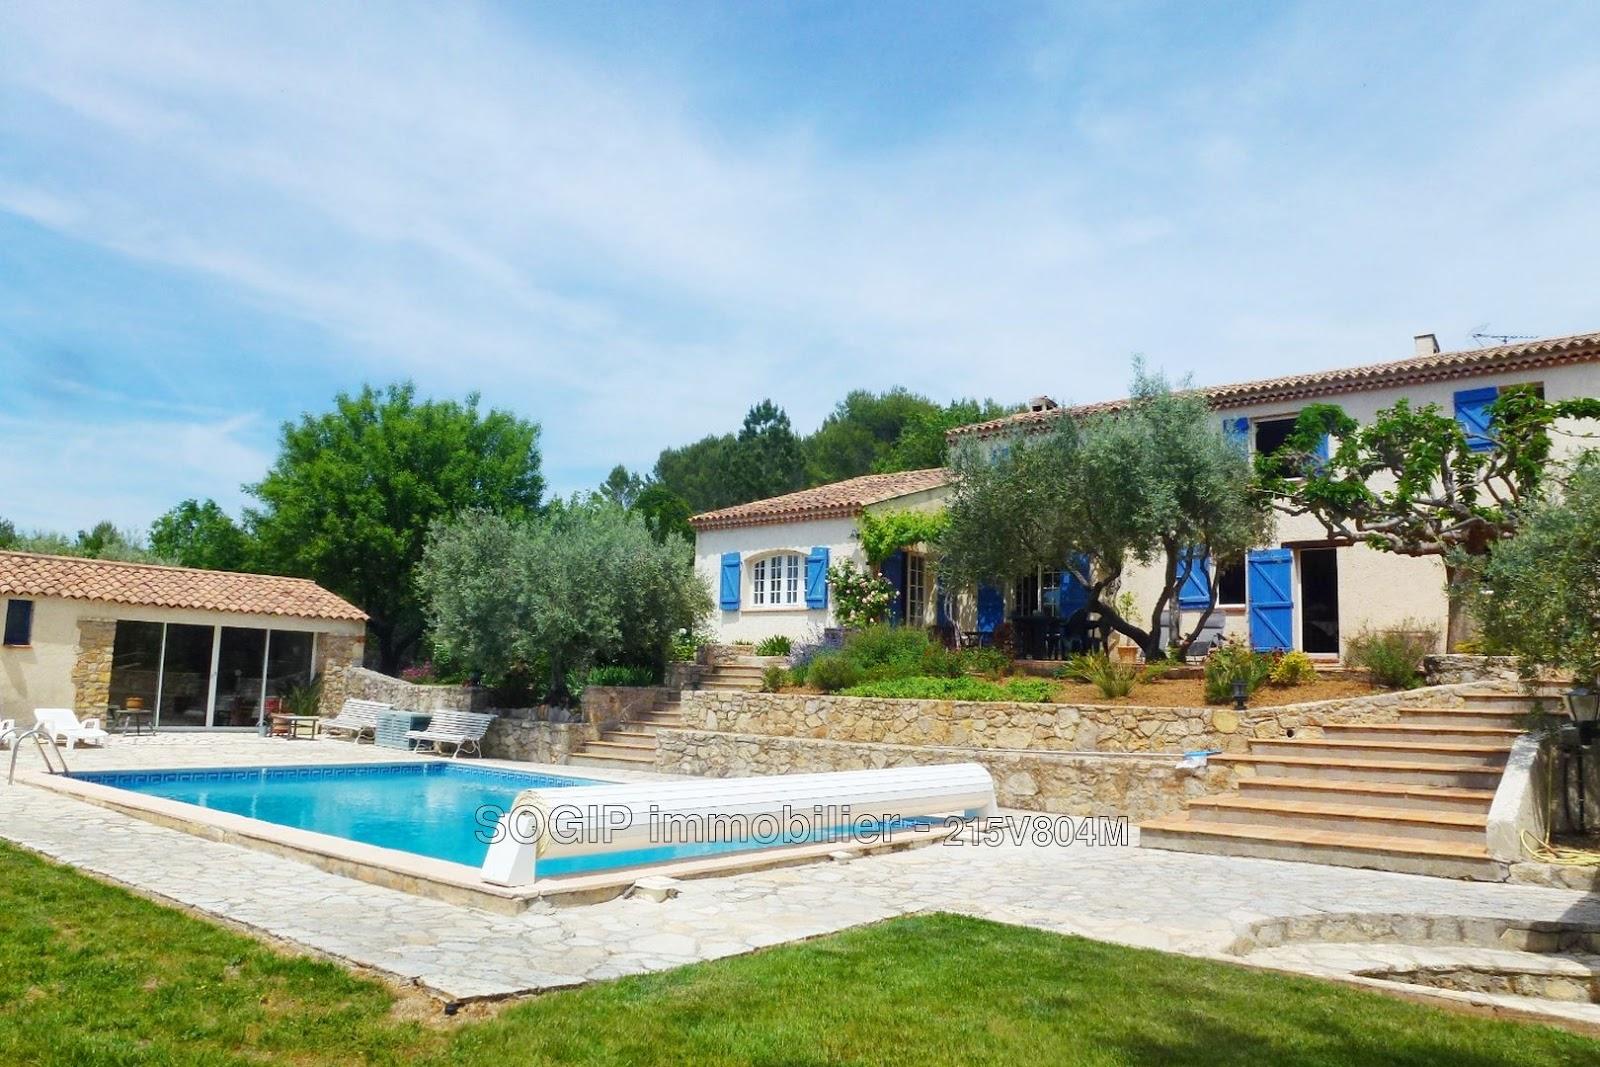 Photos Achat d'une villa autour de Flayosc